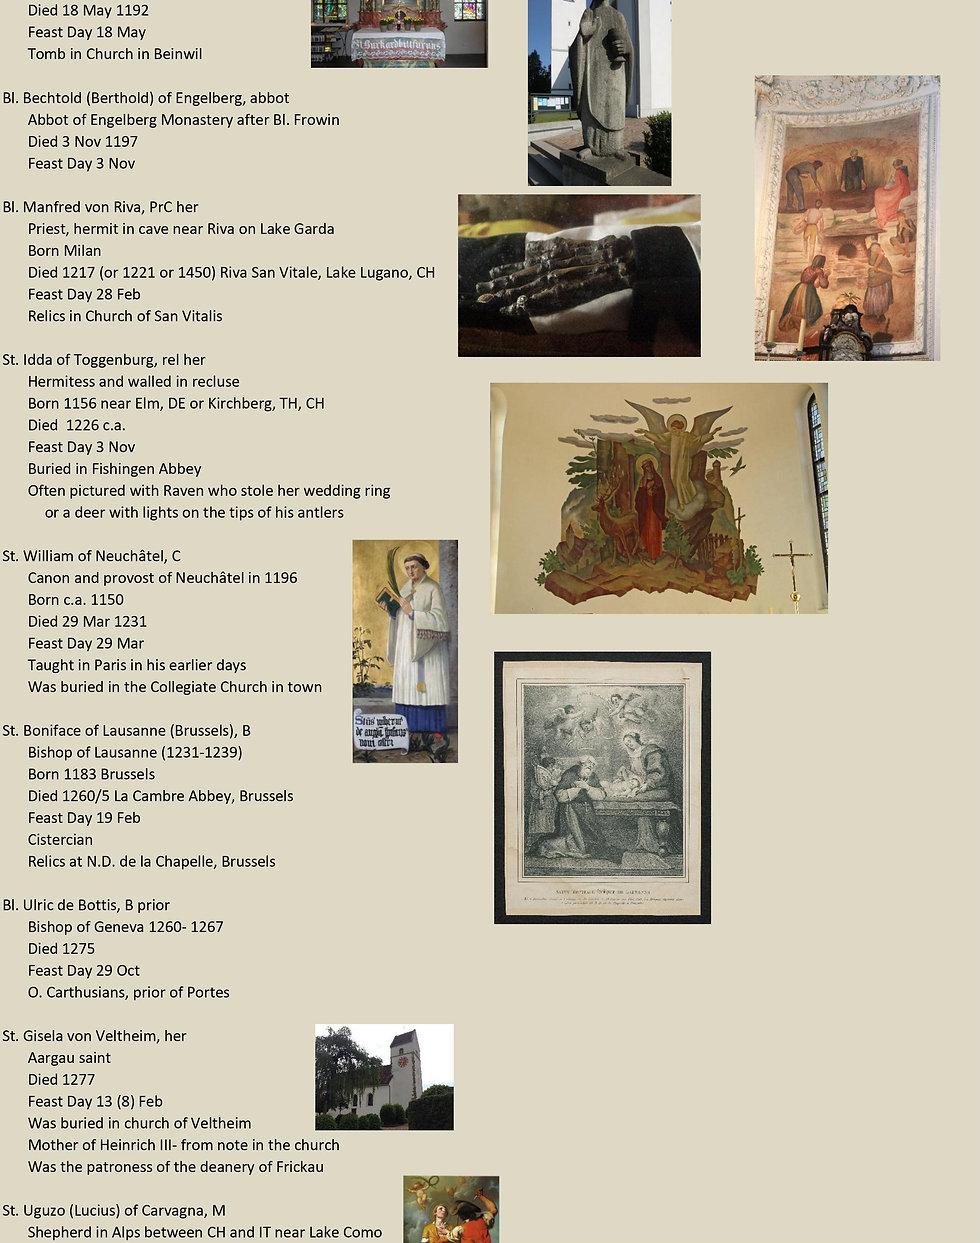 Liste de tous les saints suisses 20 sur 31